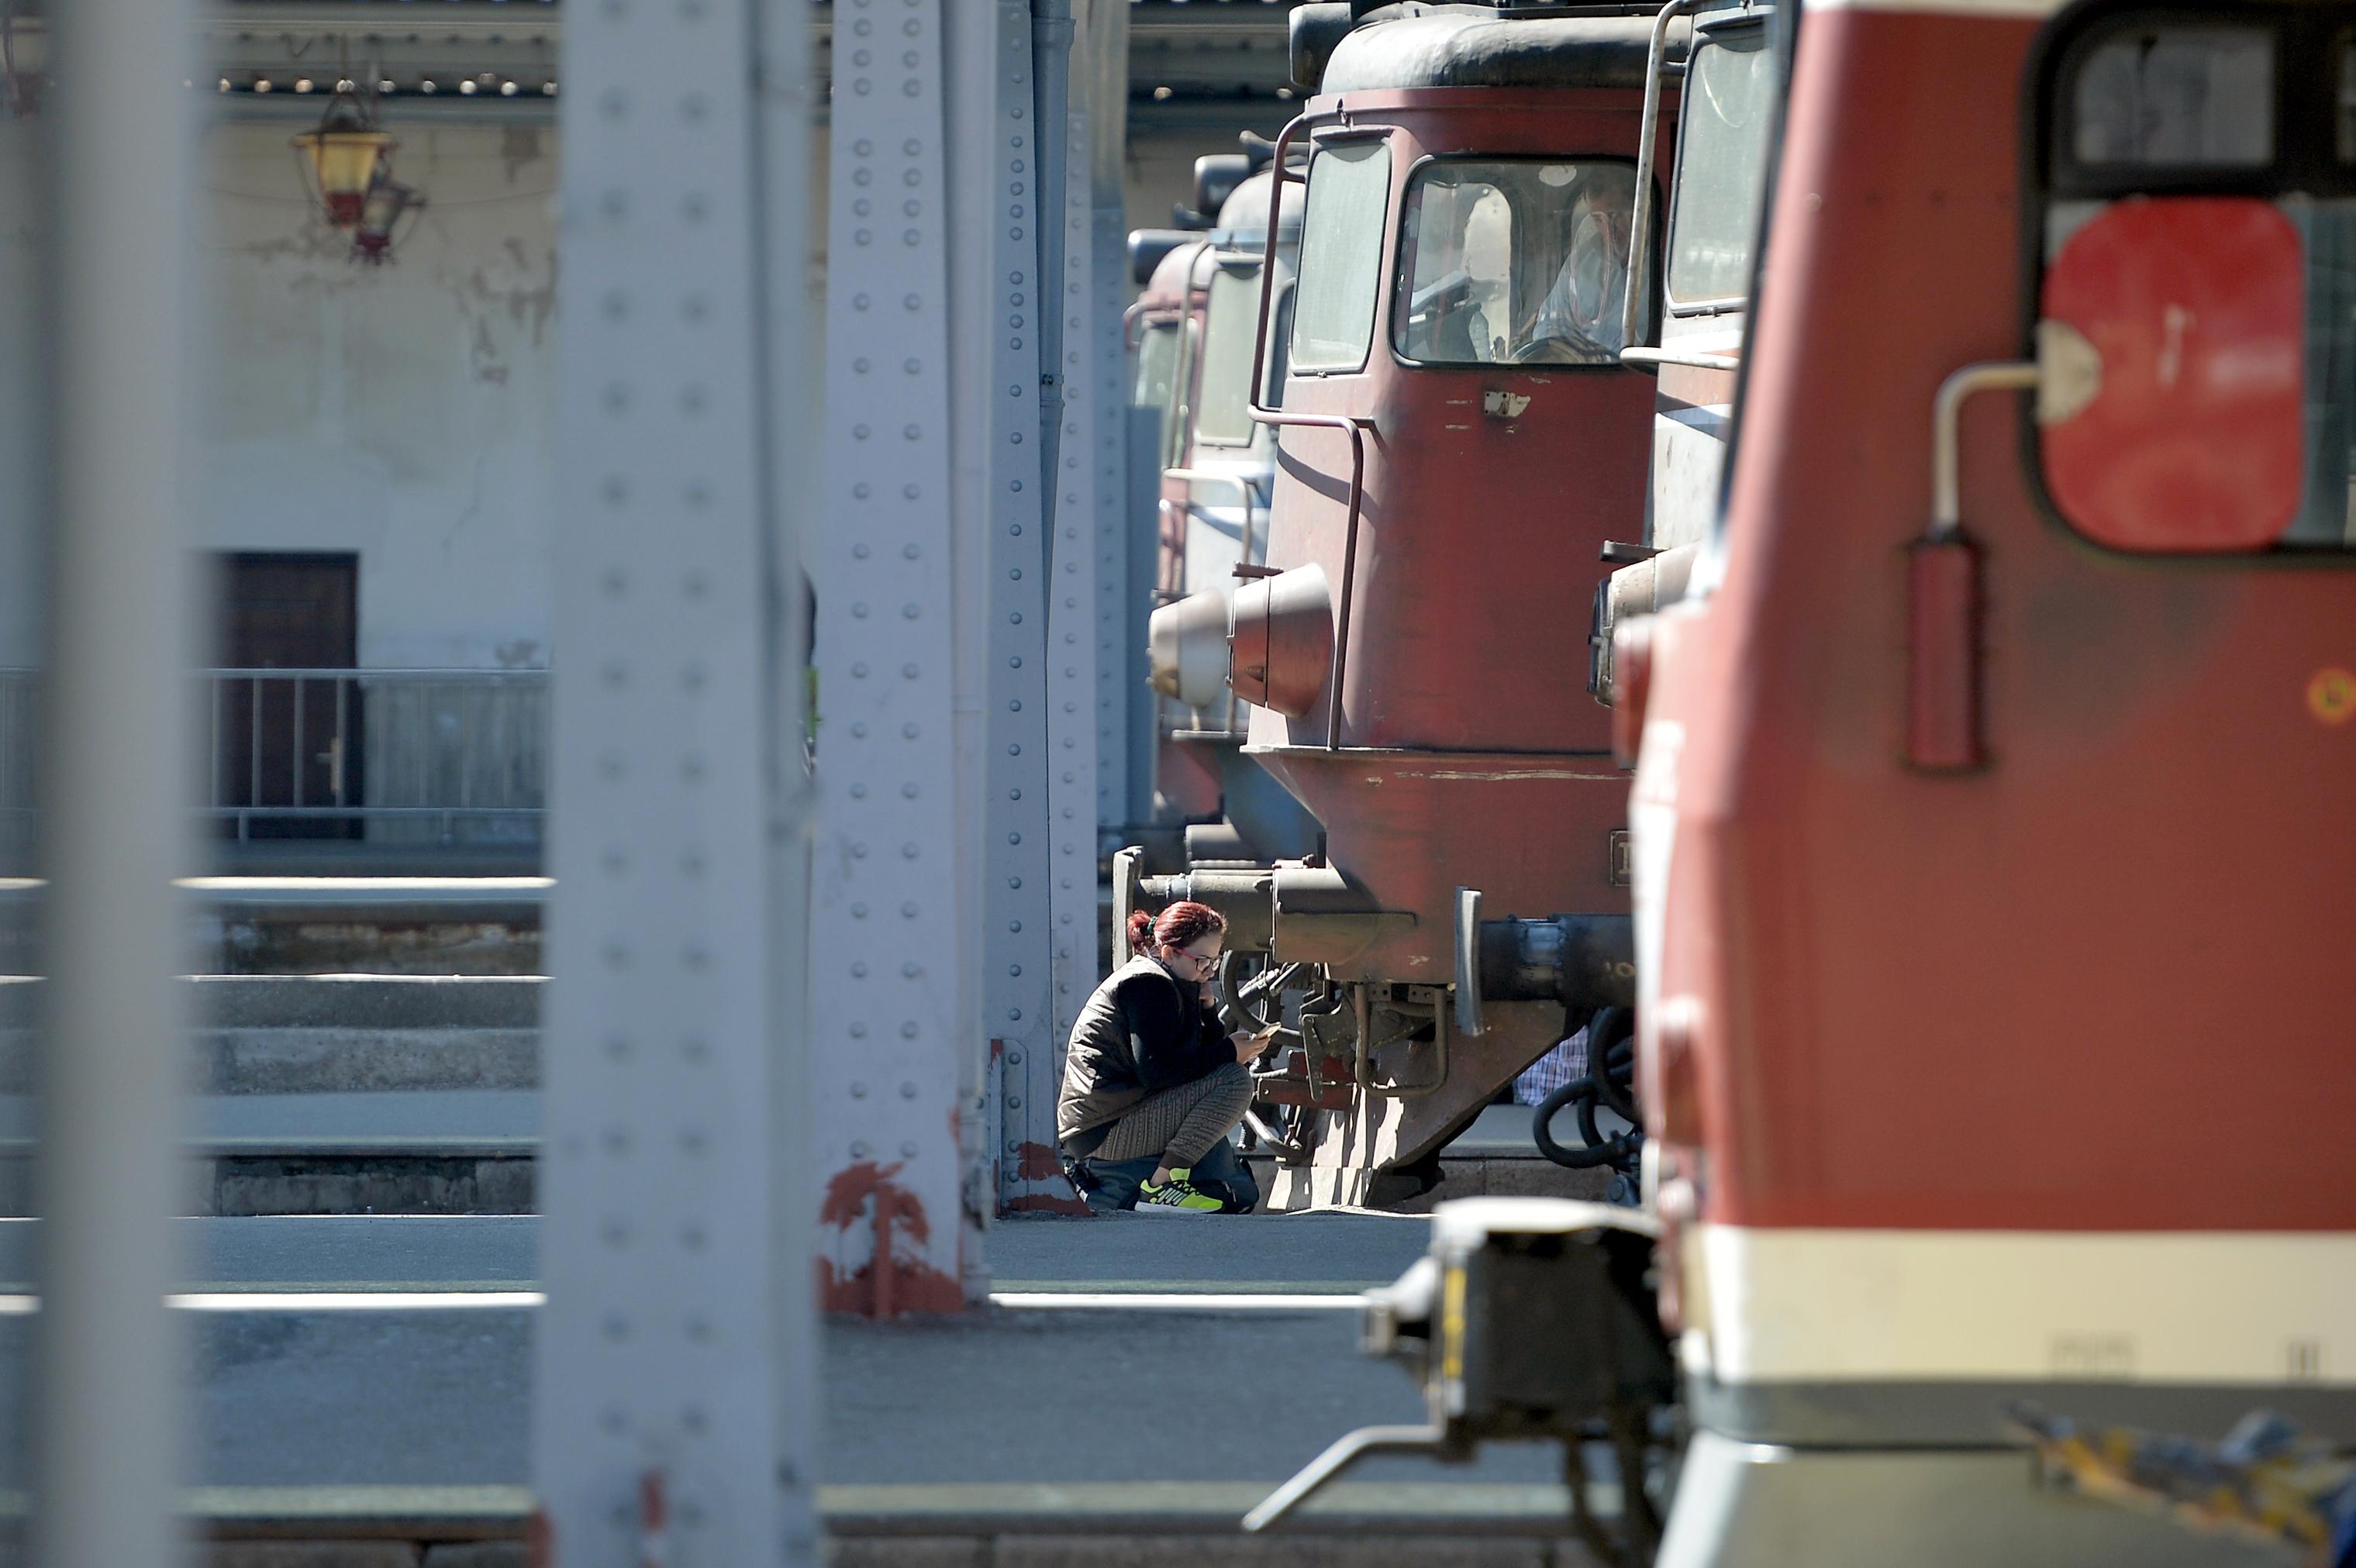 România trece la ORA DE IARNĂ. Trenurile aflate în circulaţie vor staţiona o oră în gări